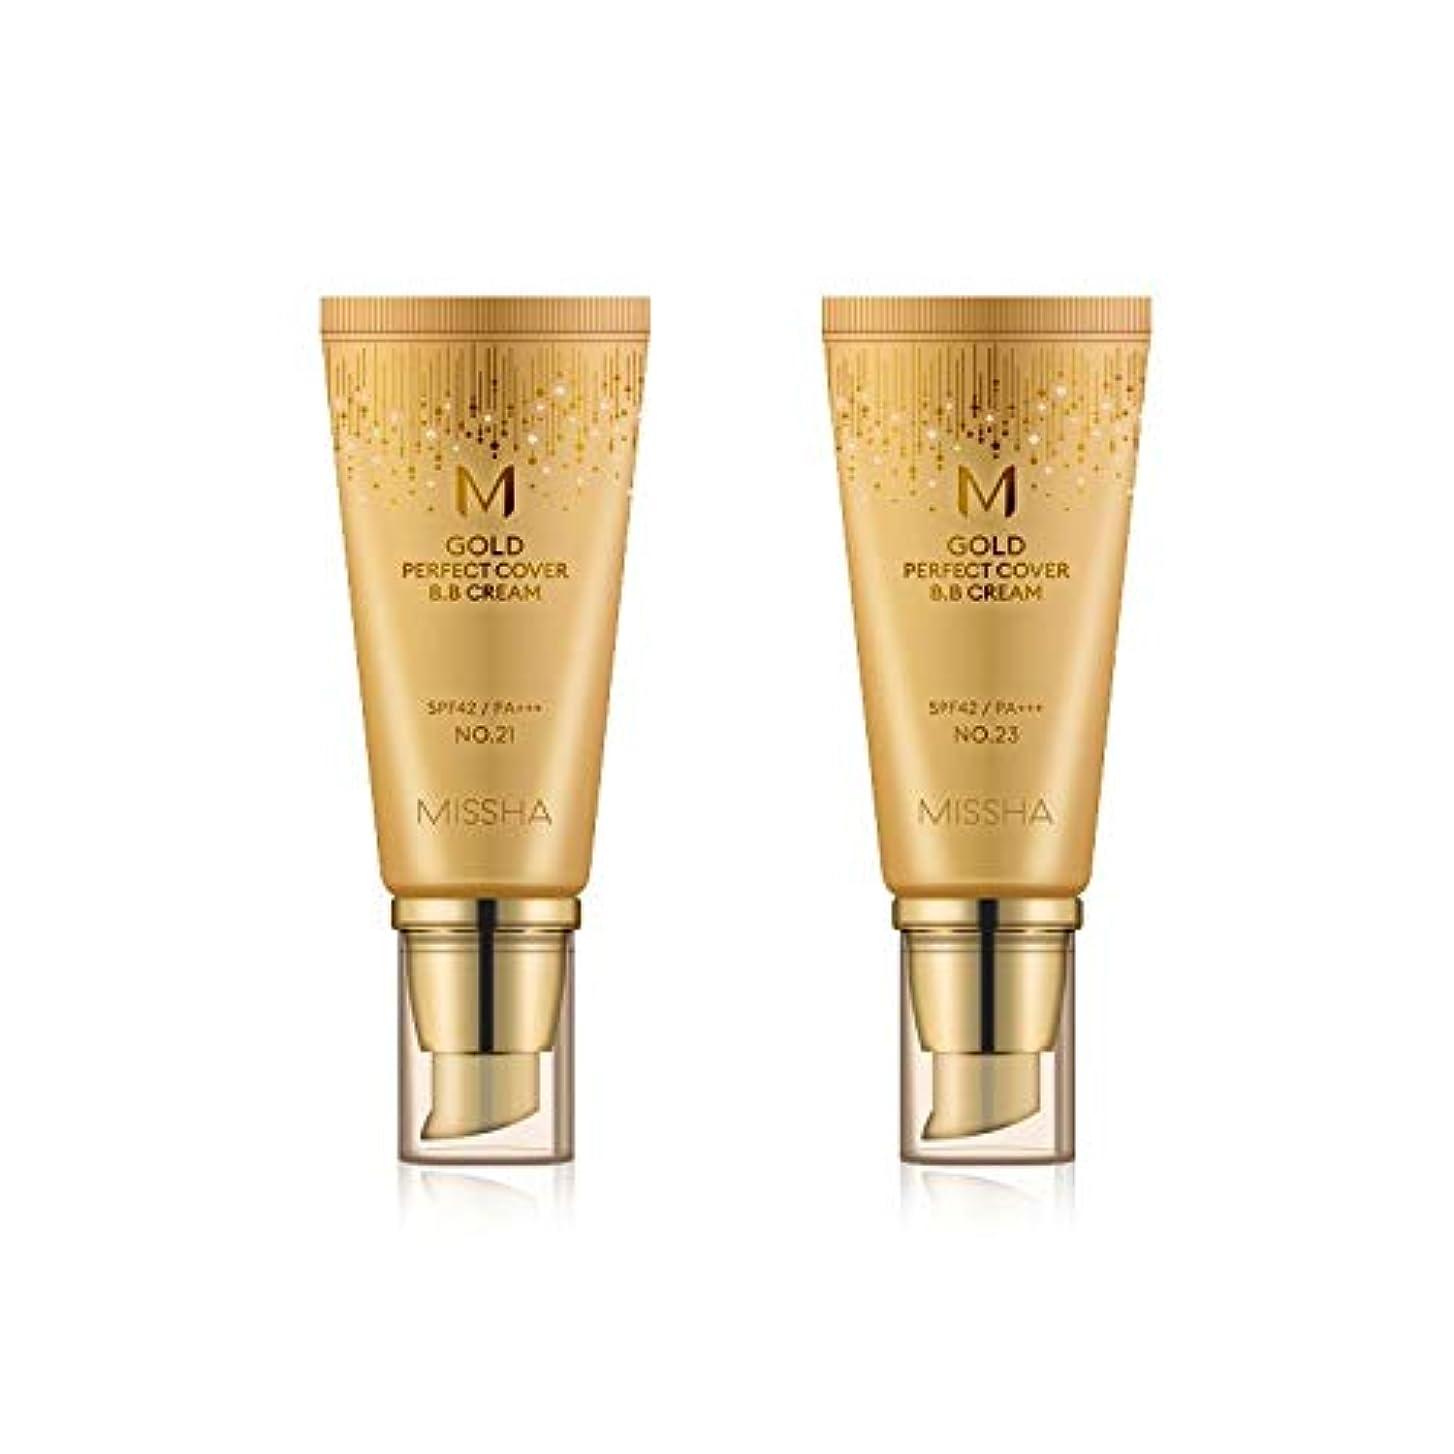 申請中苦しみ十分ではないMISSHA Gold Perfecte Cover BB Cream SPF42 PA+++ / ミシャ ゴールド パーフェクト カバー BBクリーム 50ml *NO.21 [並行輸入品]